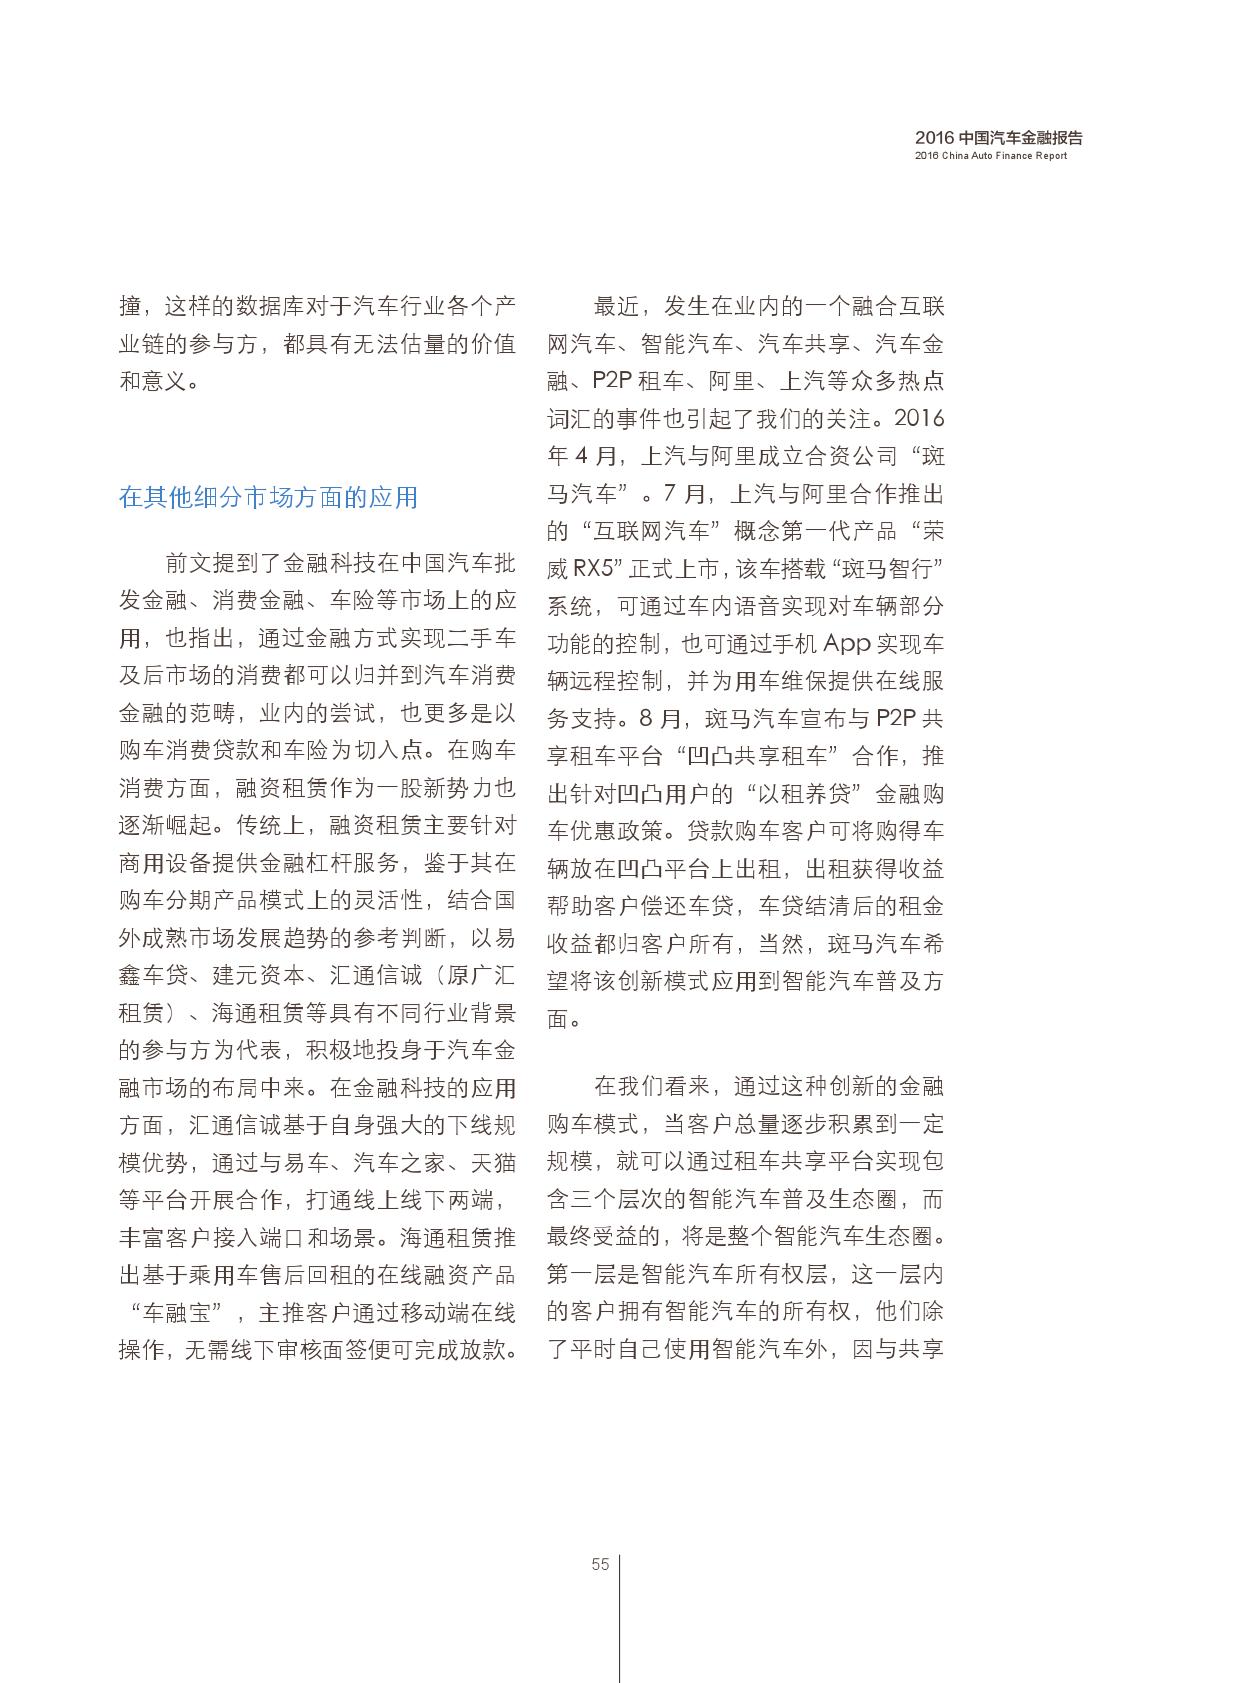 2016中国汽车金融报告_000056